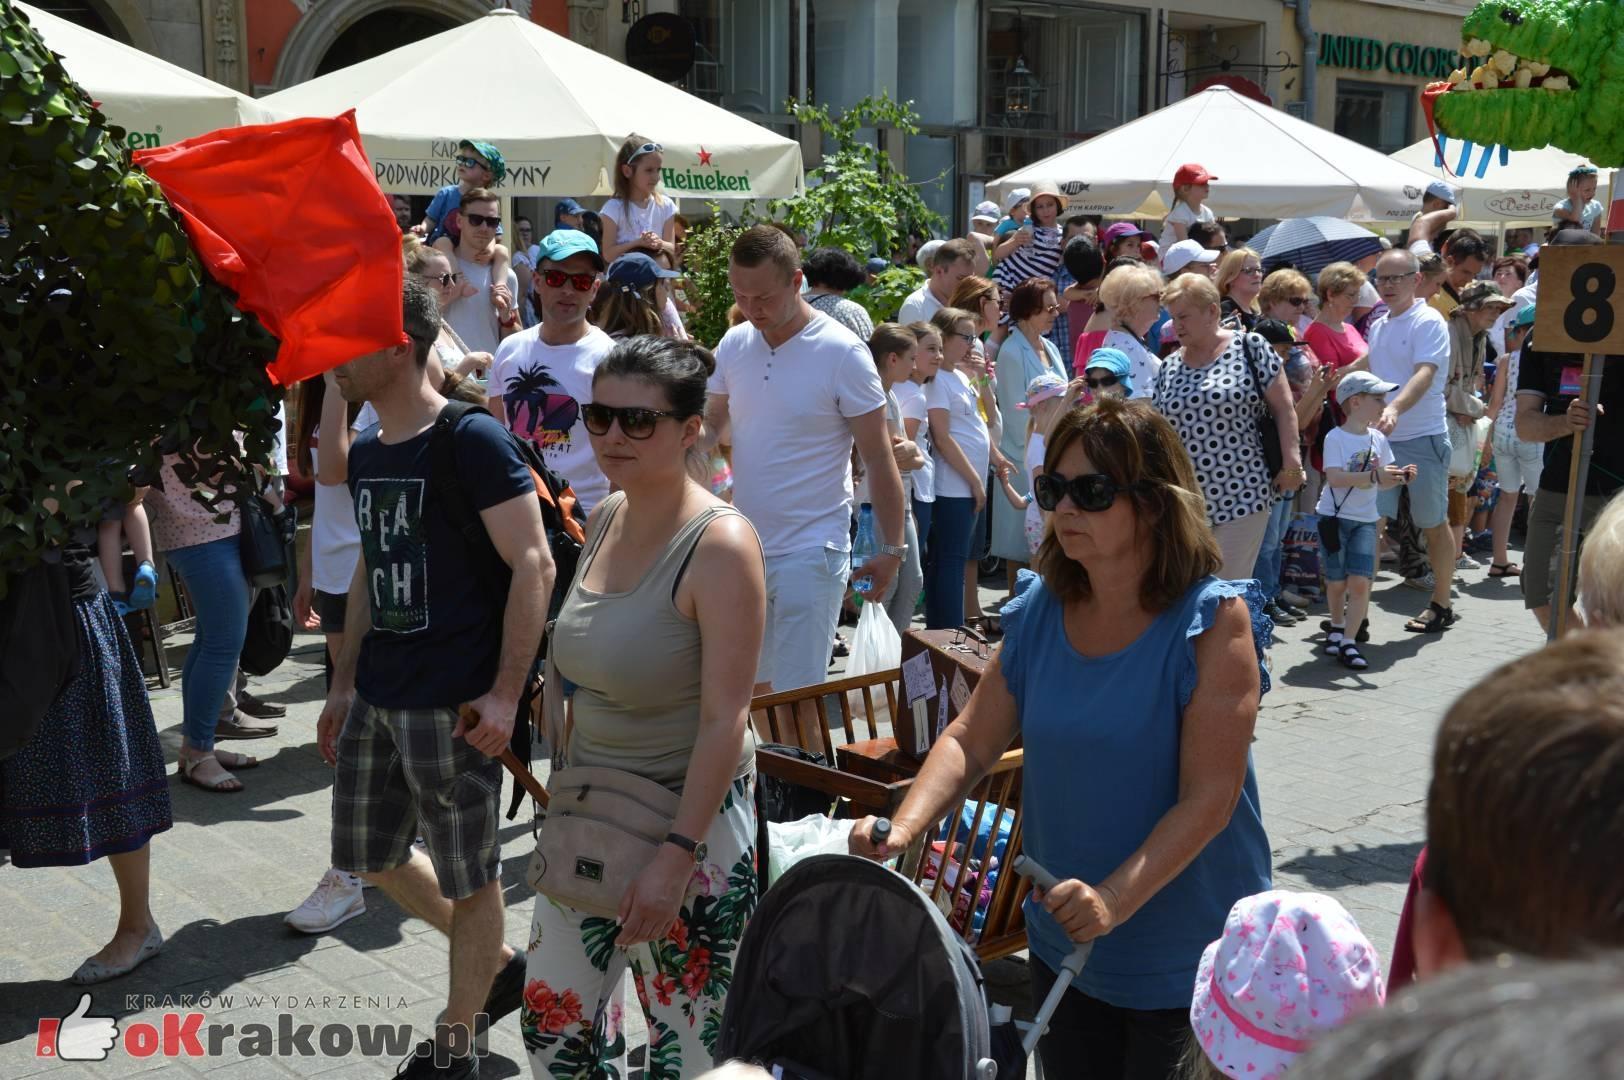 wielka parada smokow przeszla przez krakow w 40 smokow do okola swiata 2019 166 150x150 - Parada Smoków przeszła przez Kraków. Obszerna galeria zdjęć - 2 czerwca 2019 w Krakowie